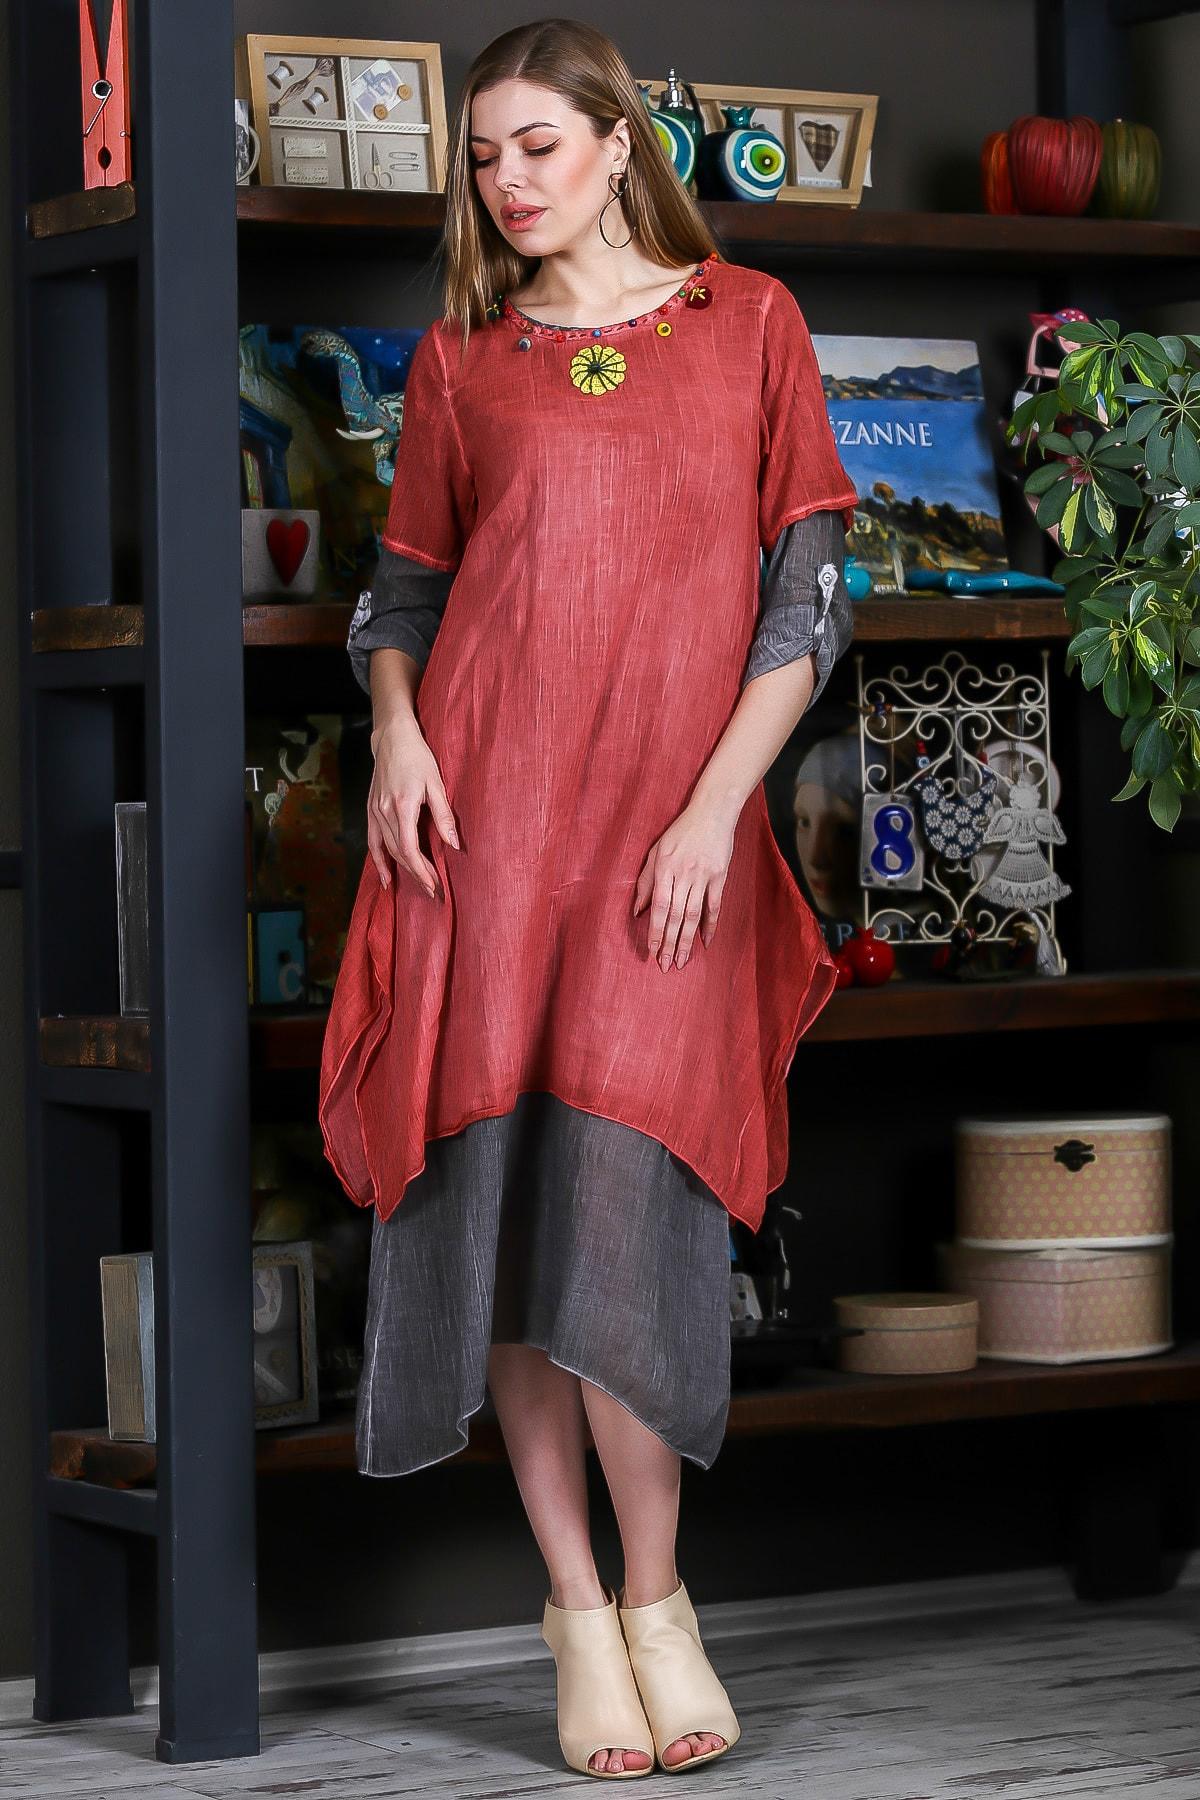 Chiccy Kadın Kiremit Sıfır Yaka El İşi Çiçek İşleme Duble Kiremit Gri Yıkamalı Elbise M10160000EL95251